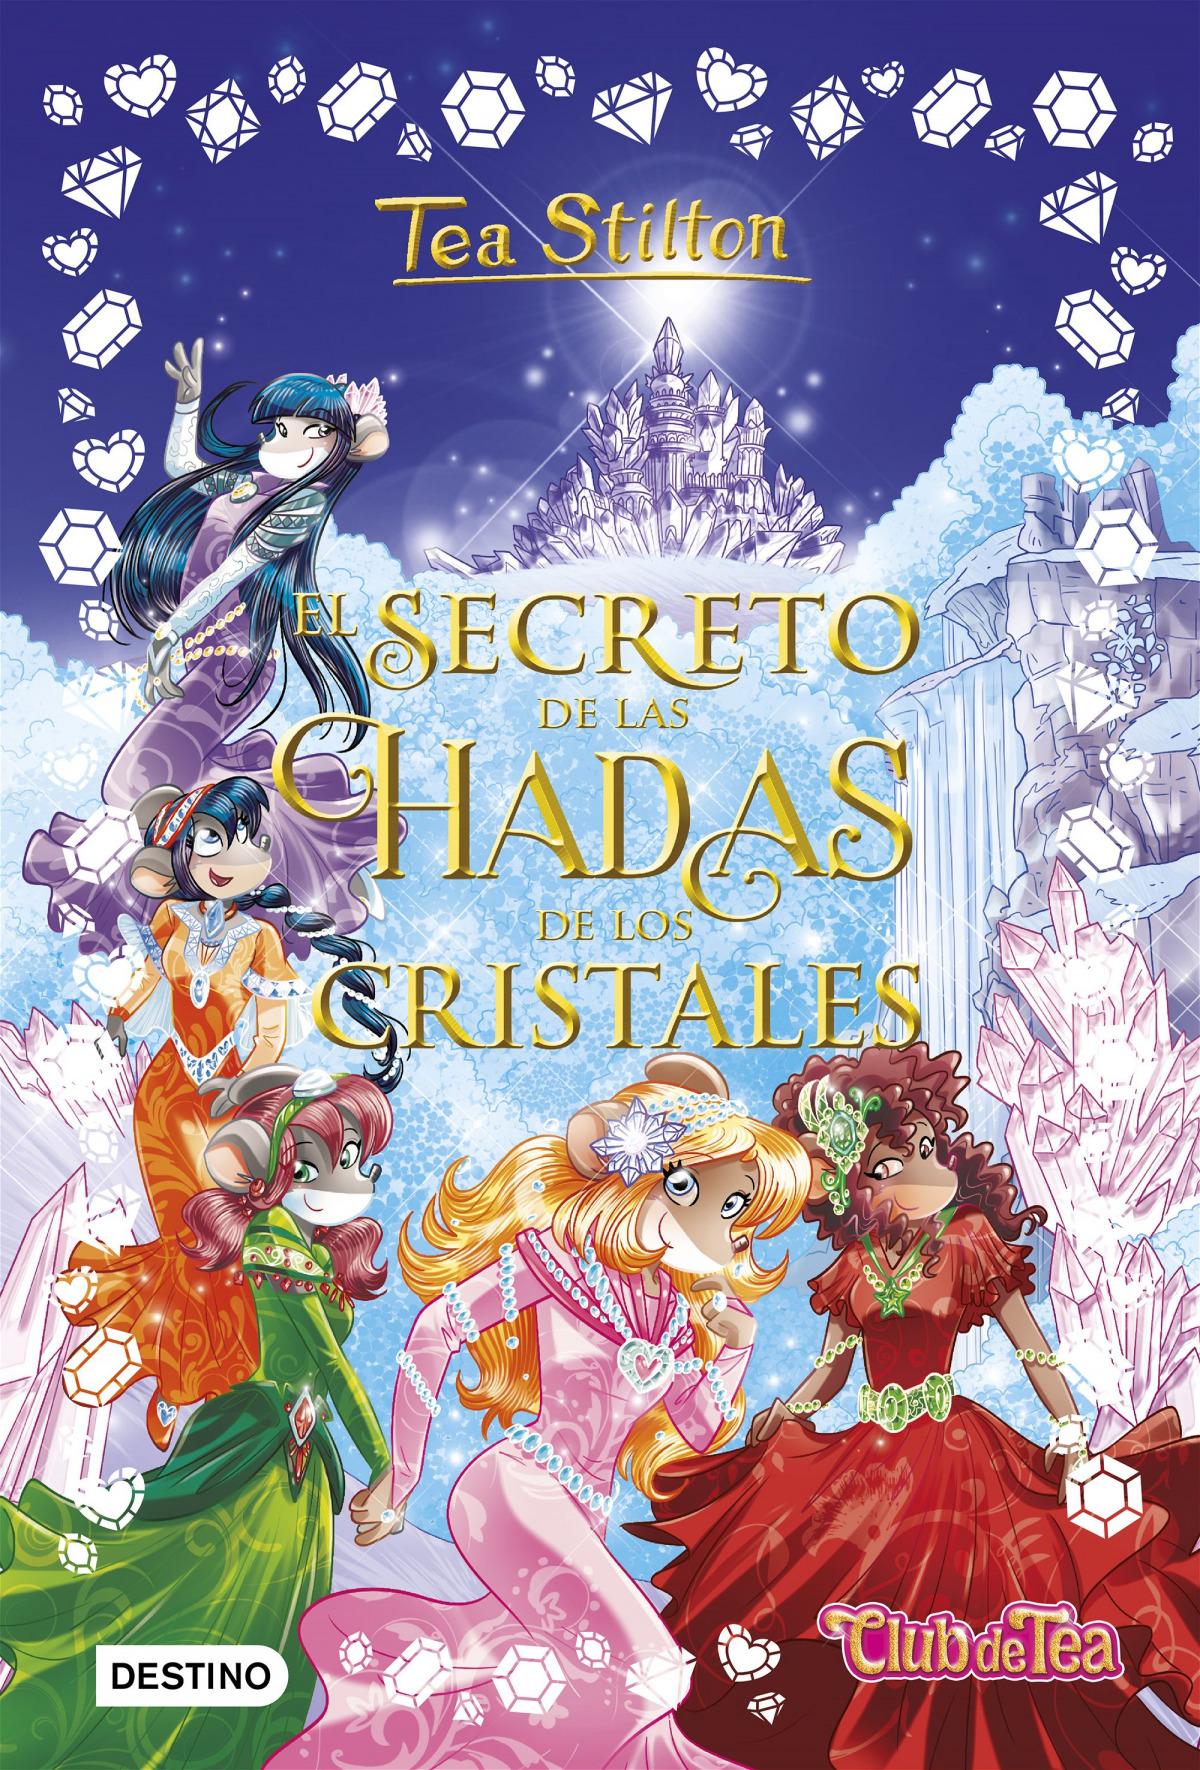 TEA STLTON SECRETO DE LAS HADAS DE LOS CRISTALES